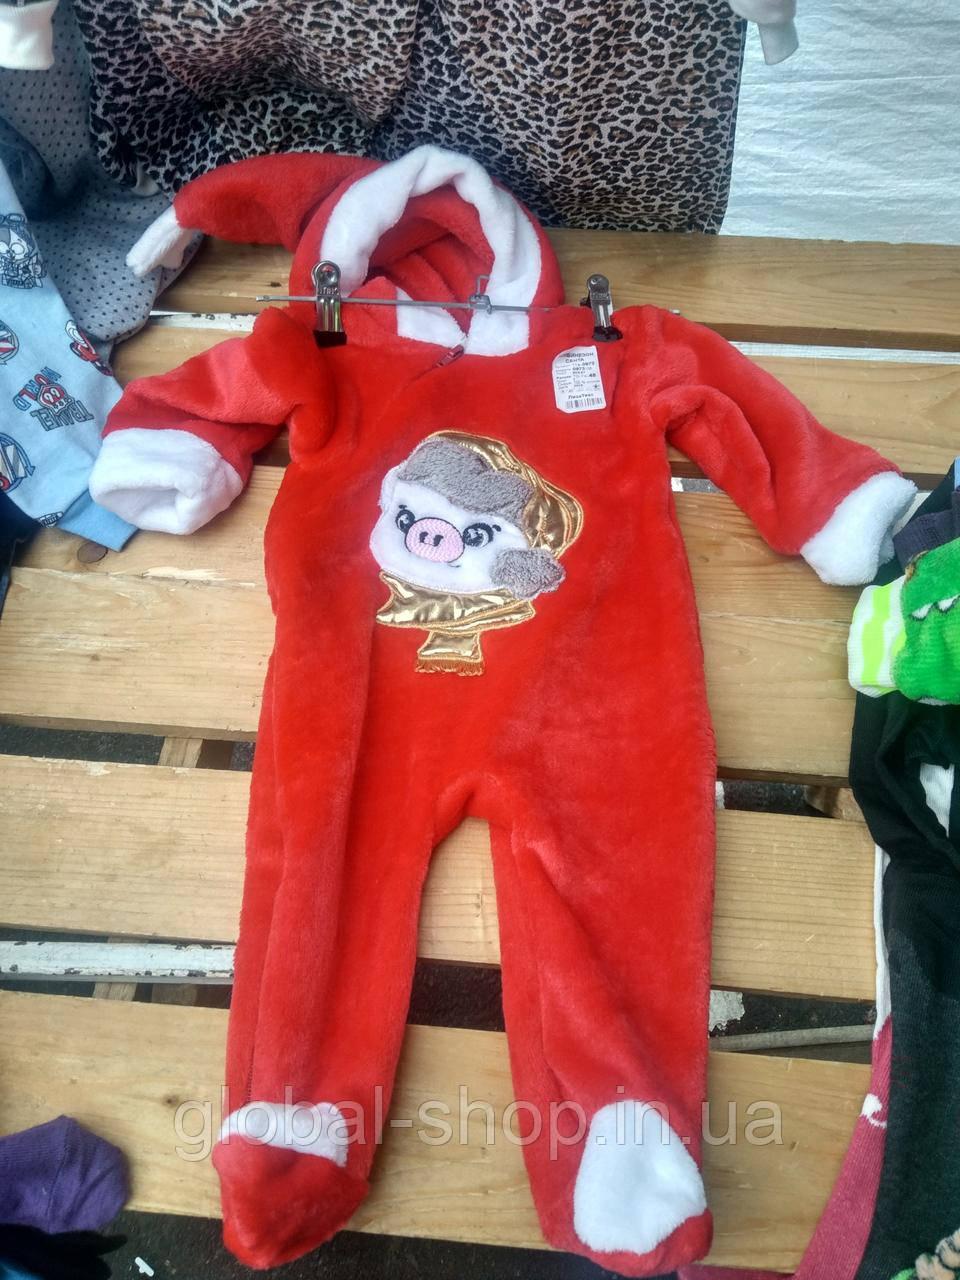 Новогодний костюм человечек в виде Санты(Санта Клауса) тепленький,махровый,3 размера ,56-60;62-68;70-74